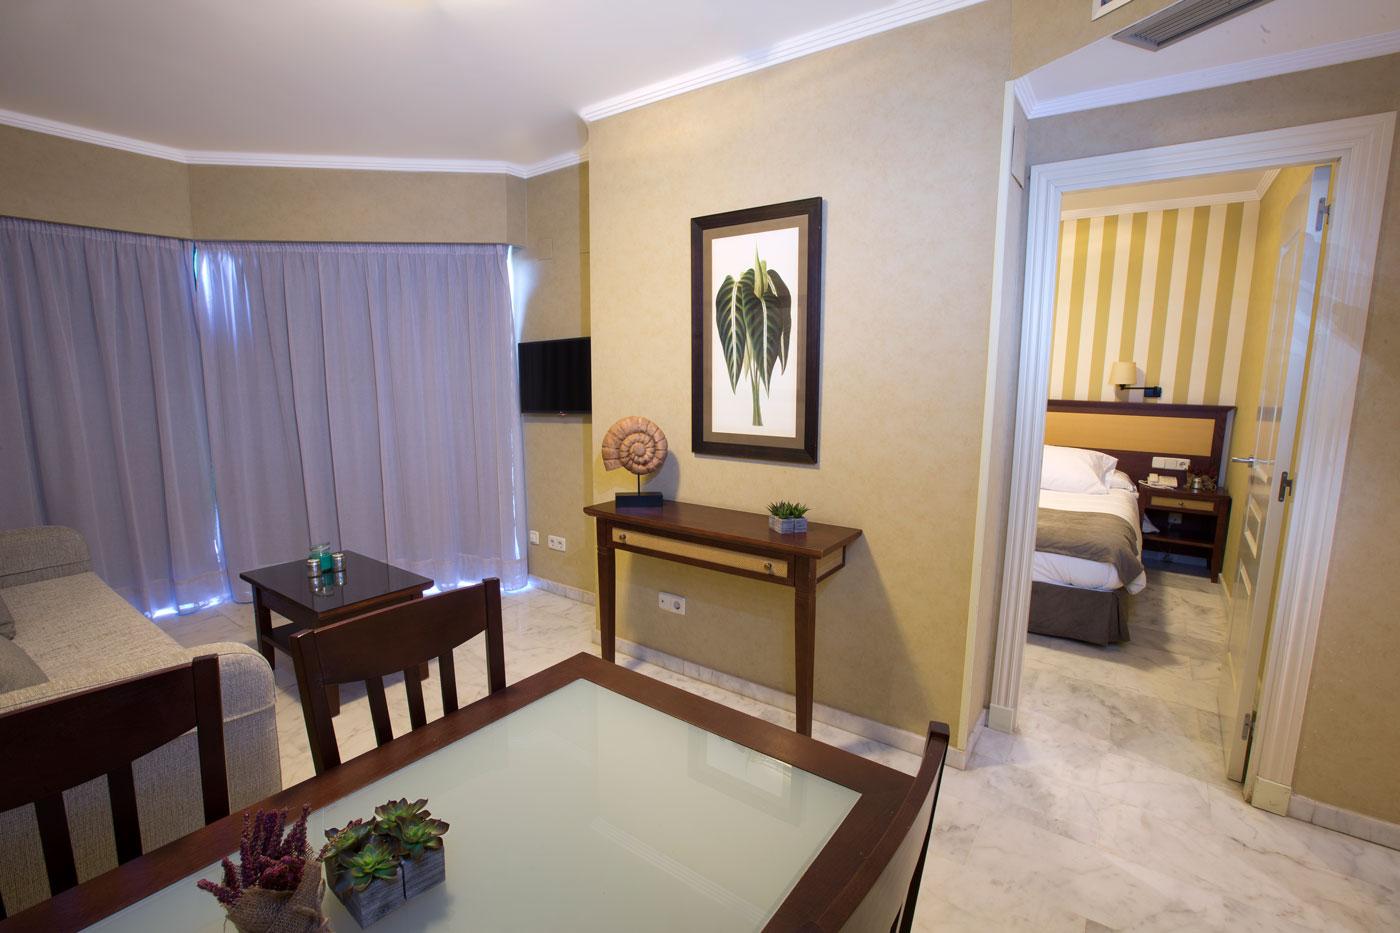 Holiday Palace habitaciones reformadas